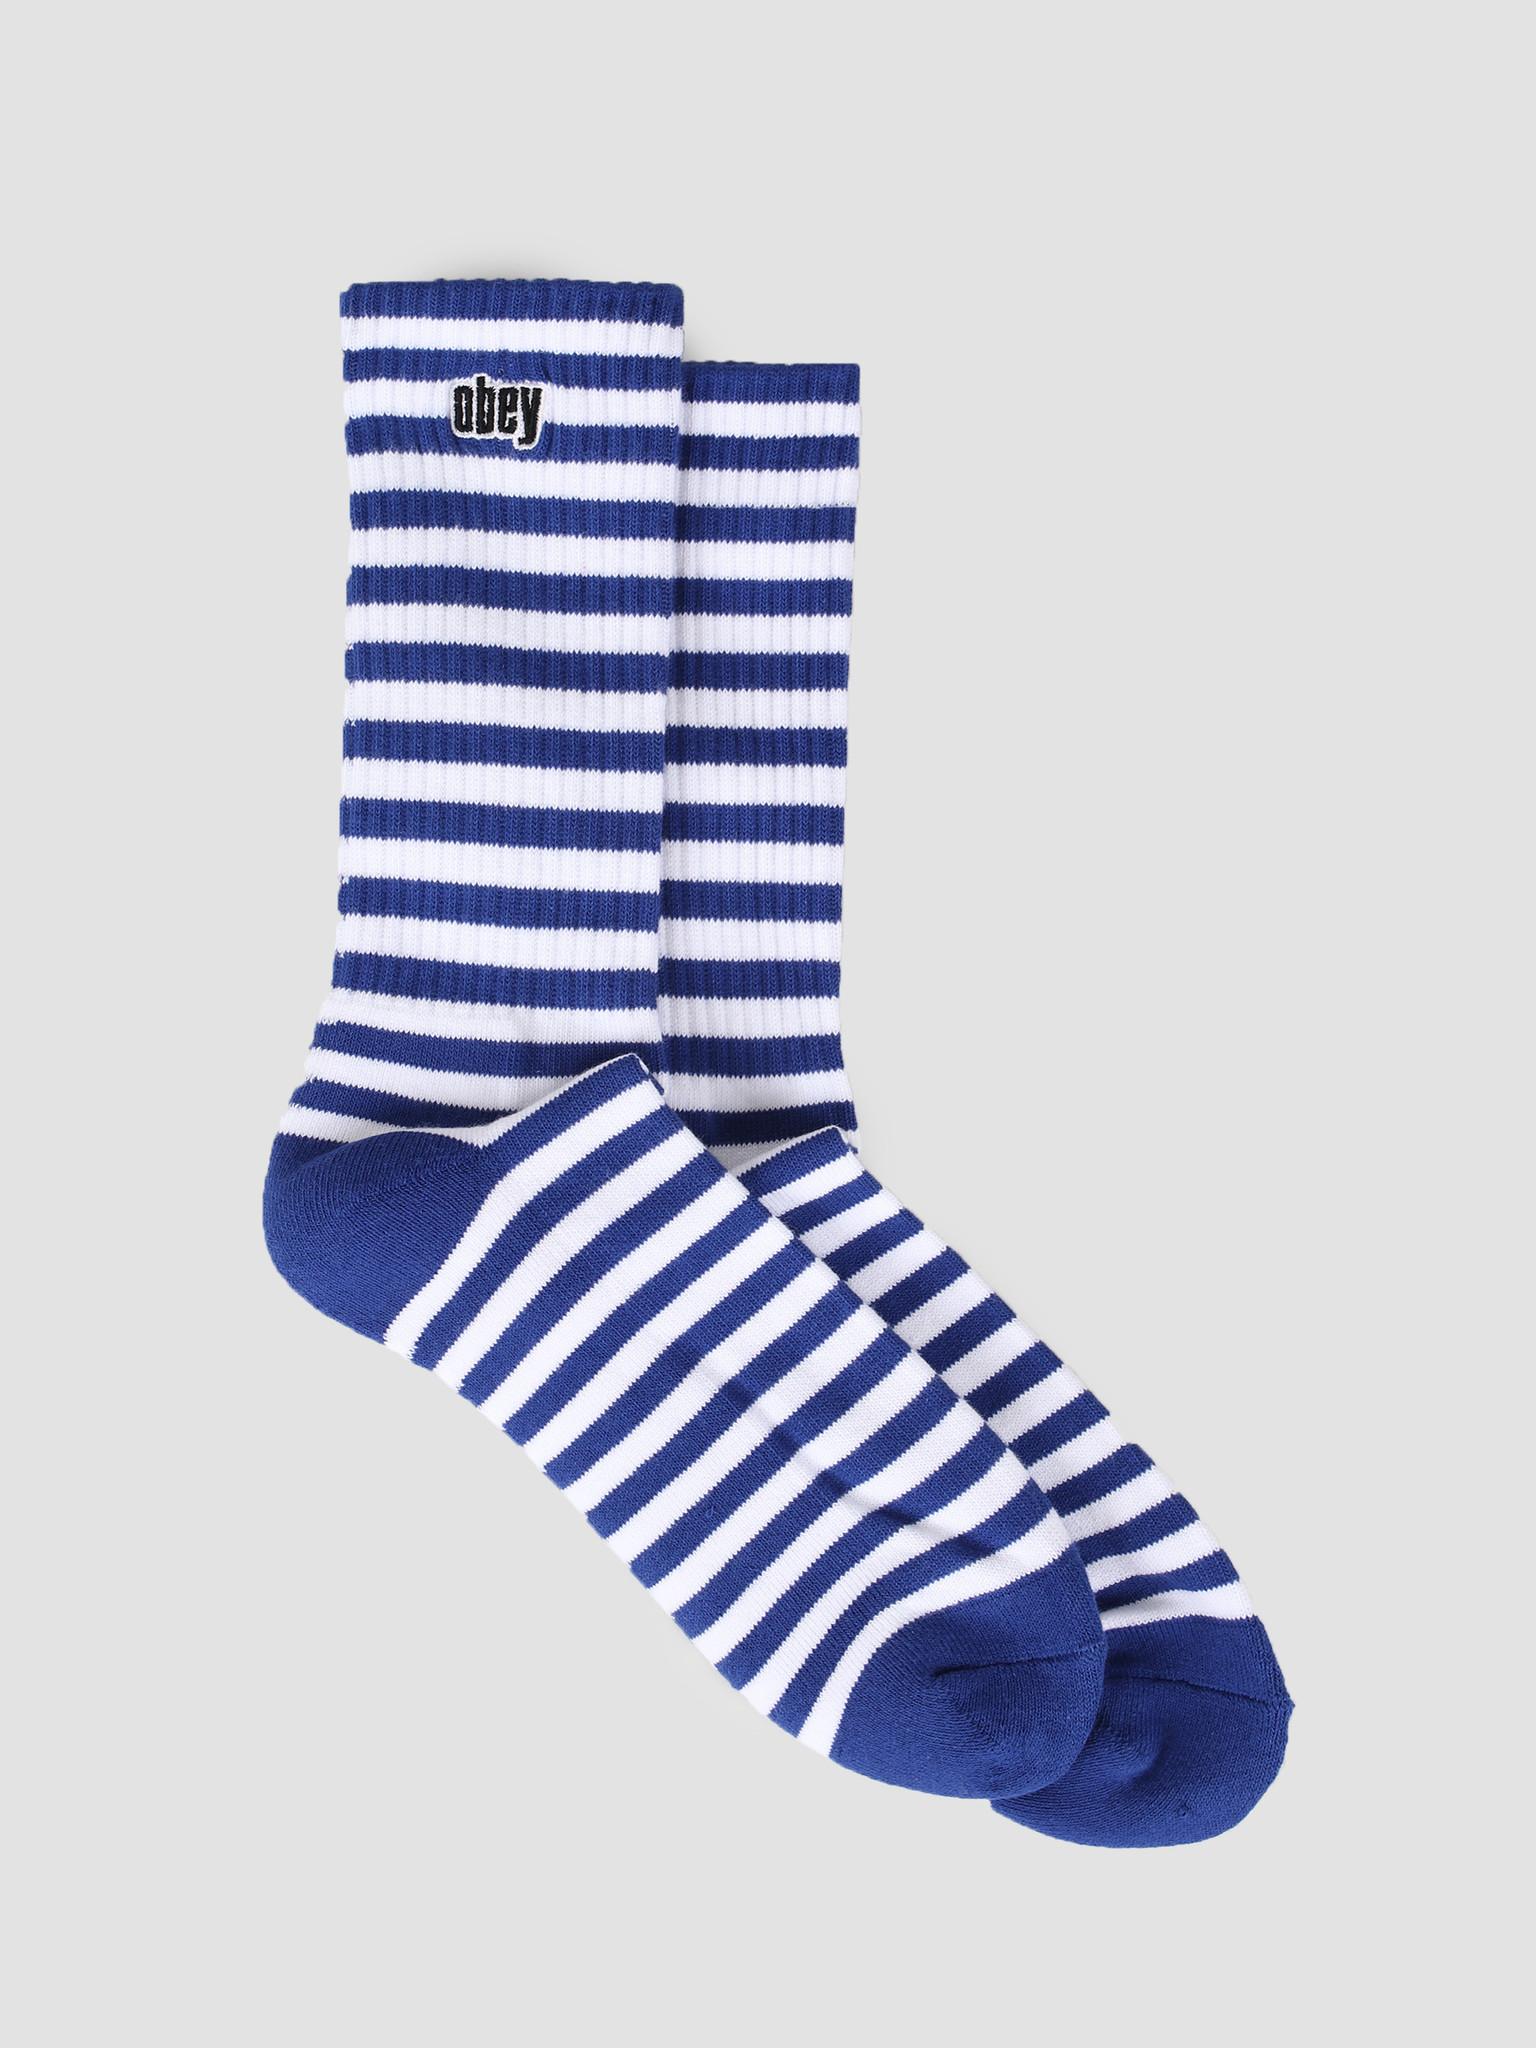 Obey Obey Dale Socks II Ultramarine White 100260131-UMR